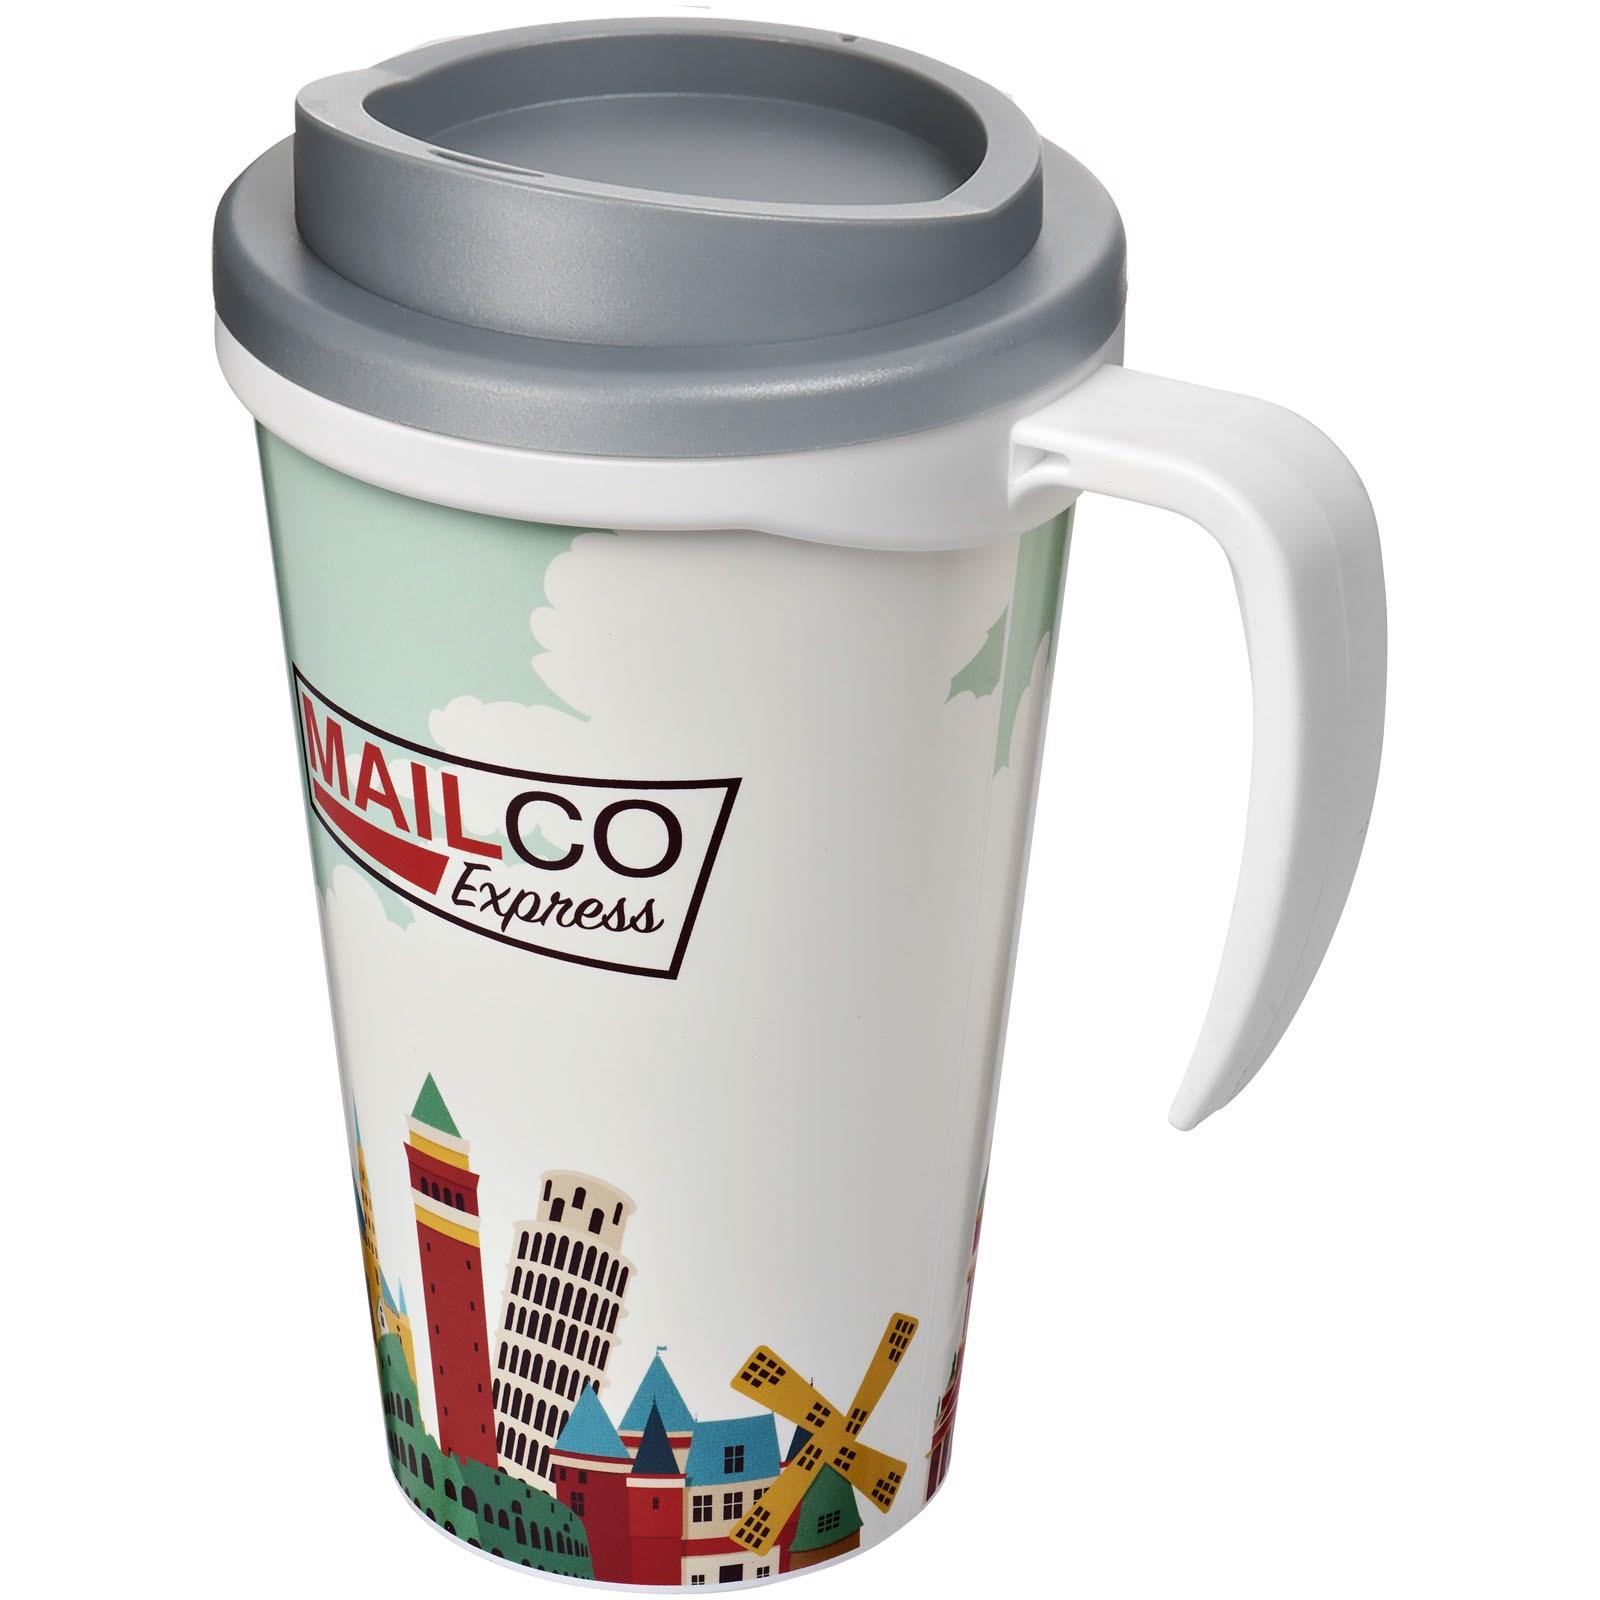 Brite-Americano® Vaso térmico grande de 350 ml - Blanco / Gris